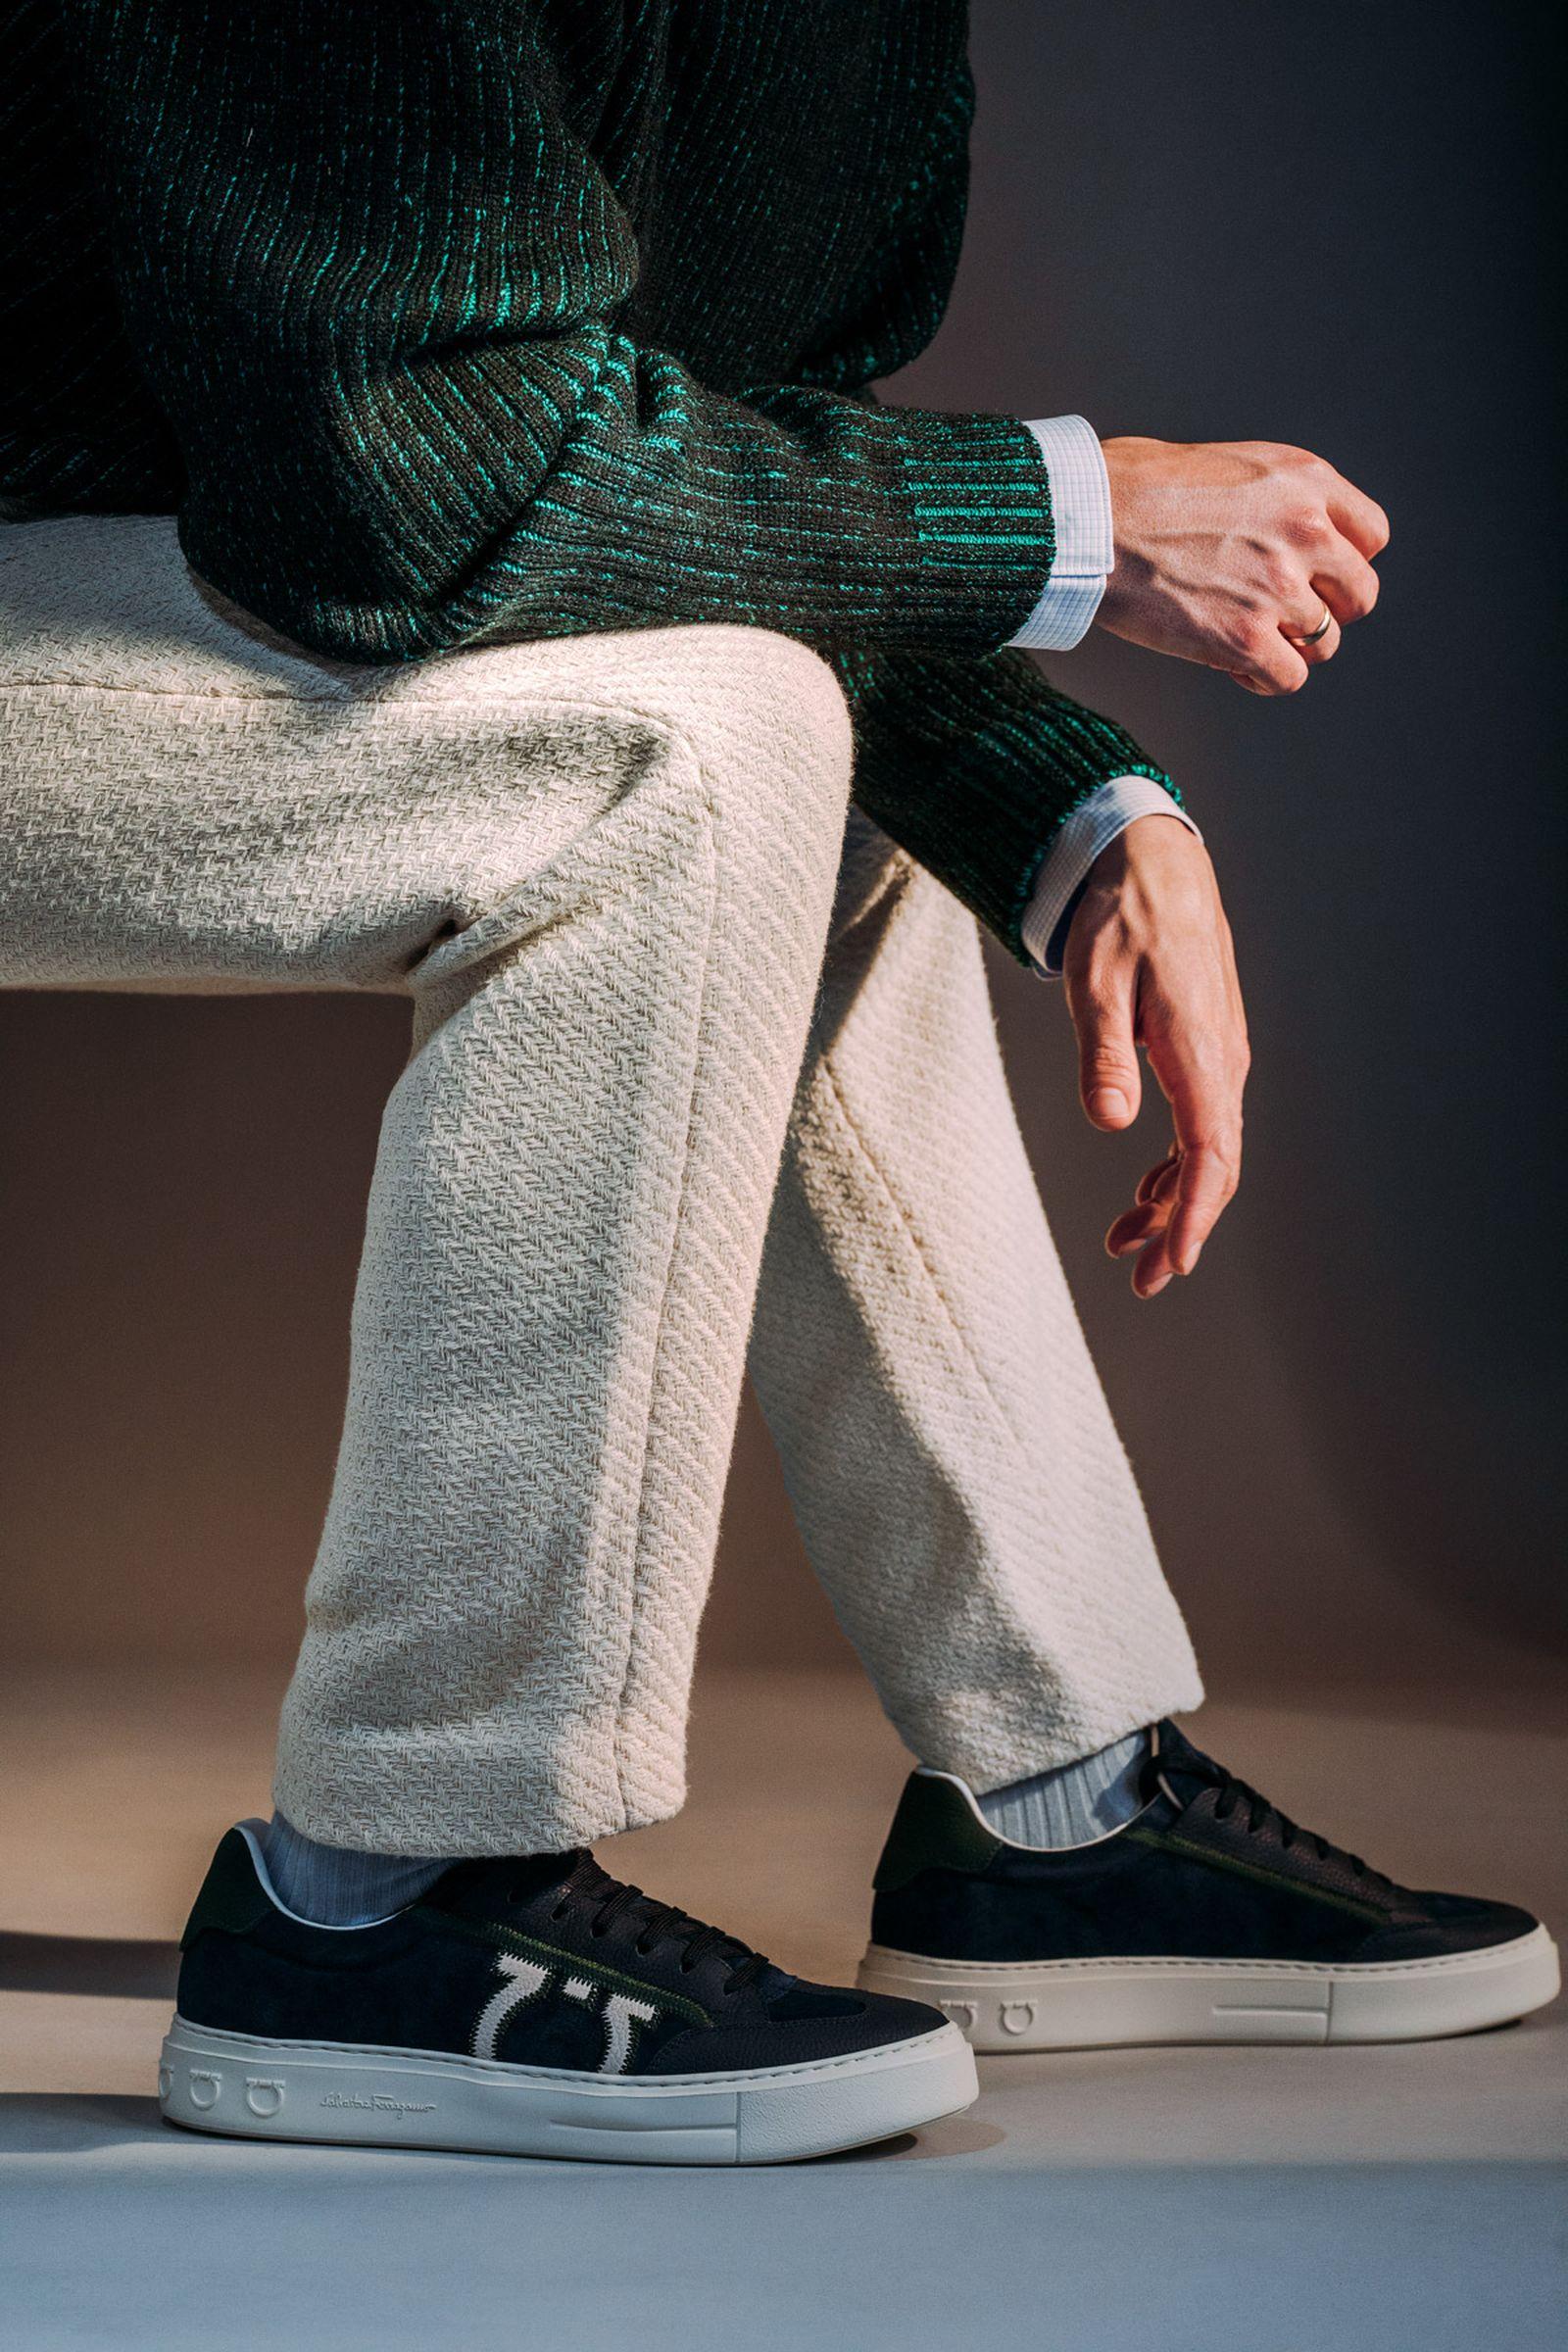 ferragamo-footwear-style-guide-06